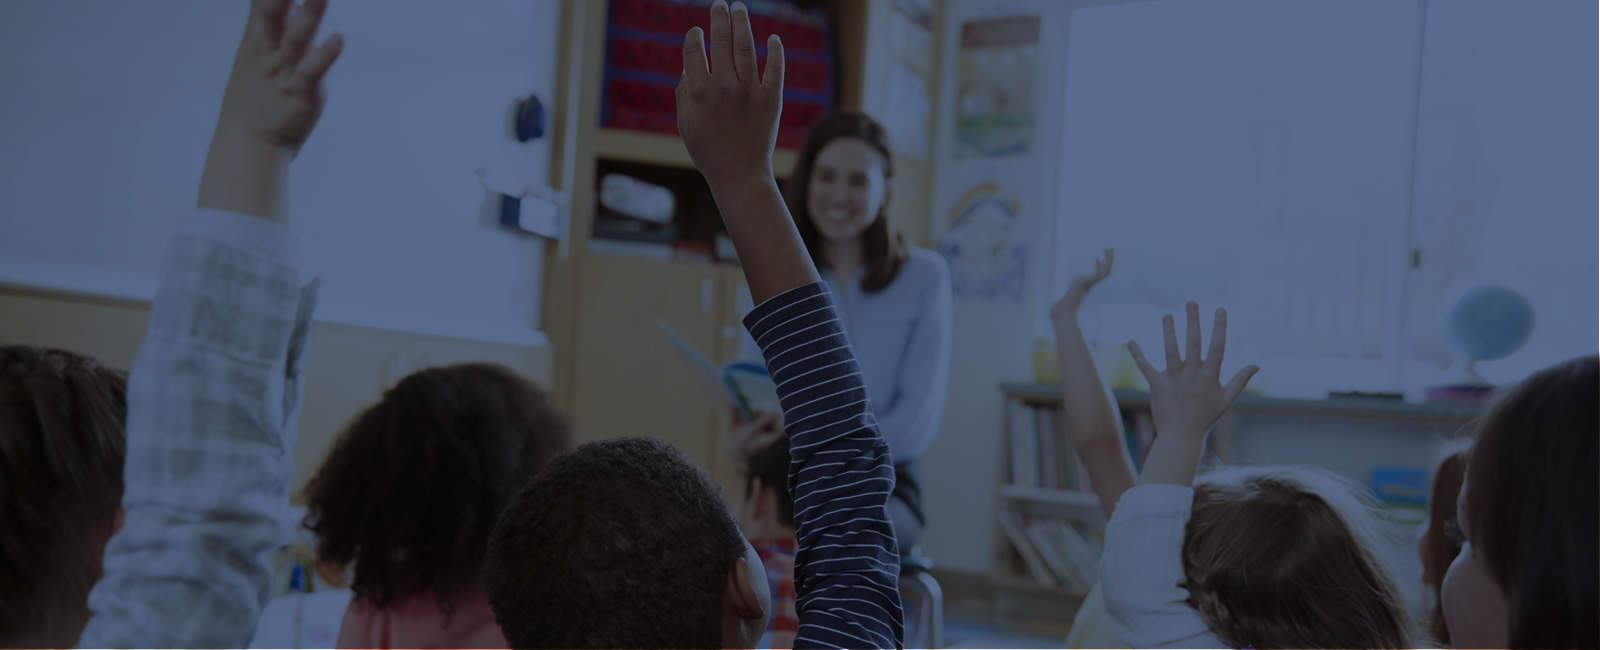 Recursos de estudio y de enseñanza gratuitos